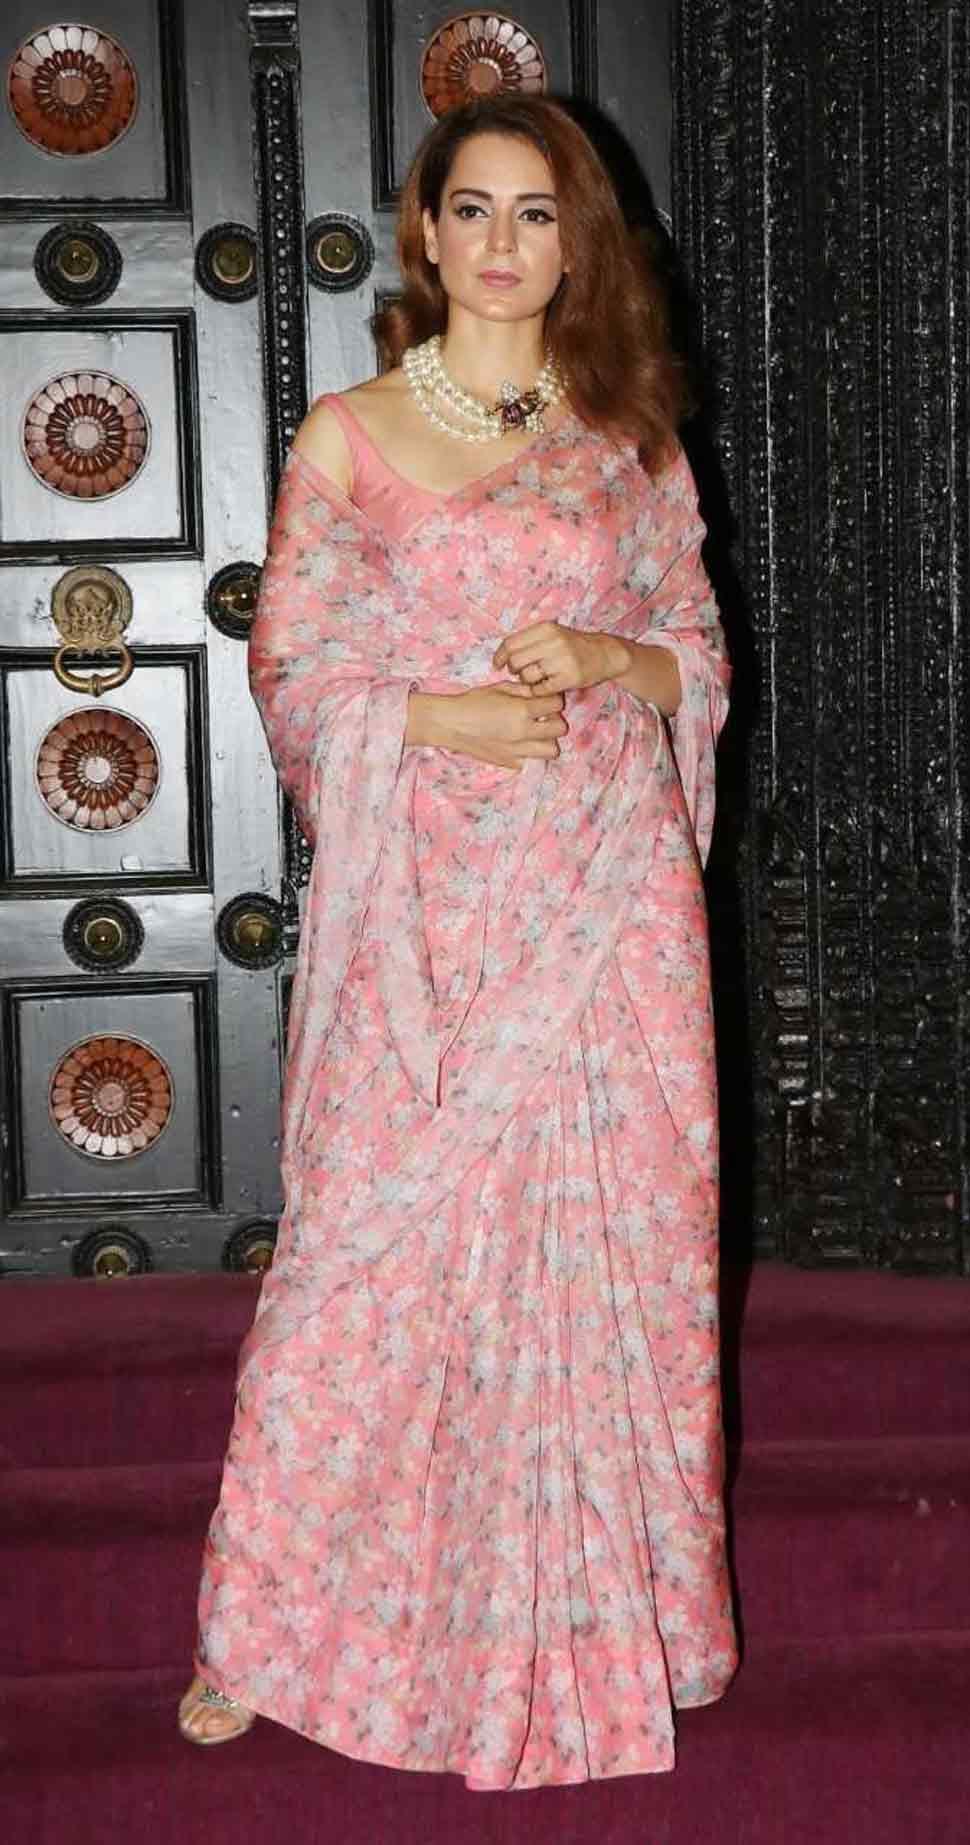 kangana ranaut wore a pink floral saree